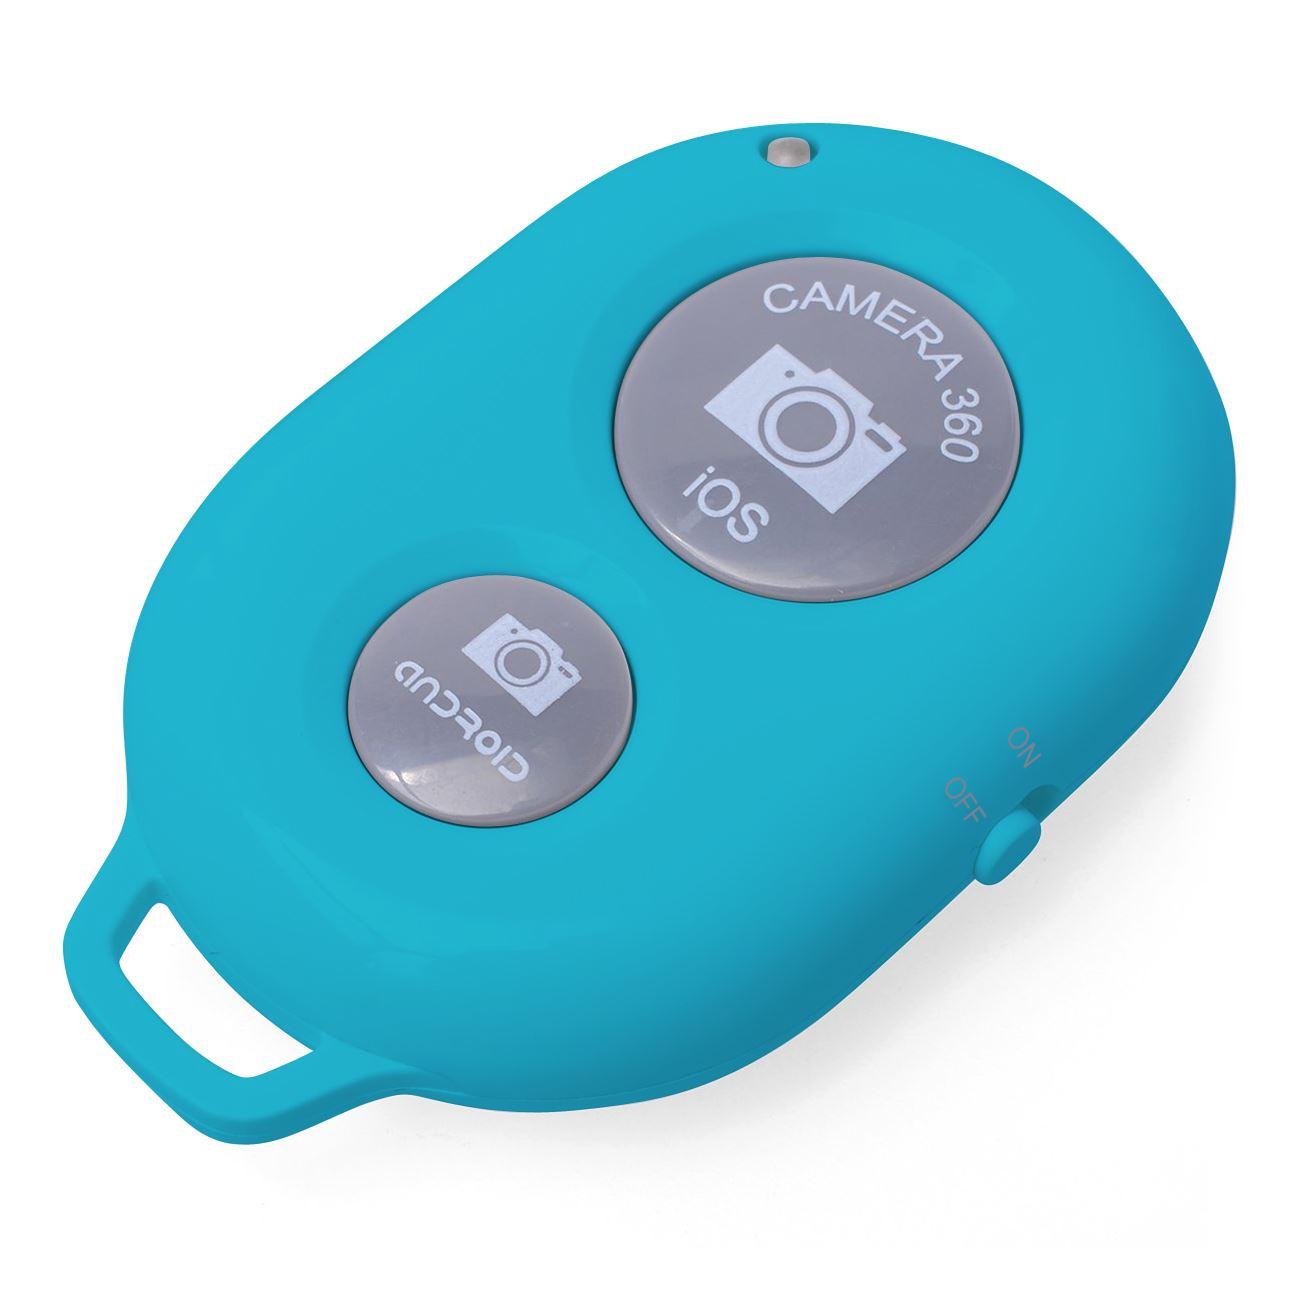 Universal-Bluetooth-Inalambrico-Telefono-Camara-Mando-a-Distancia-Obturador-Para